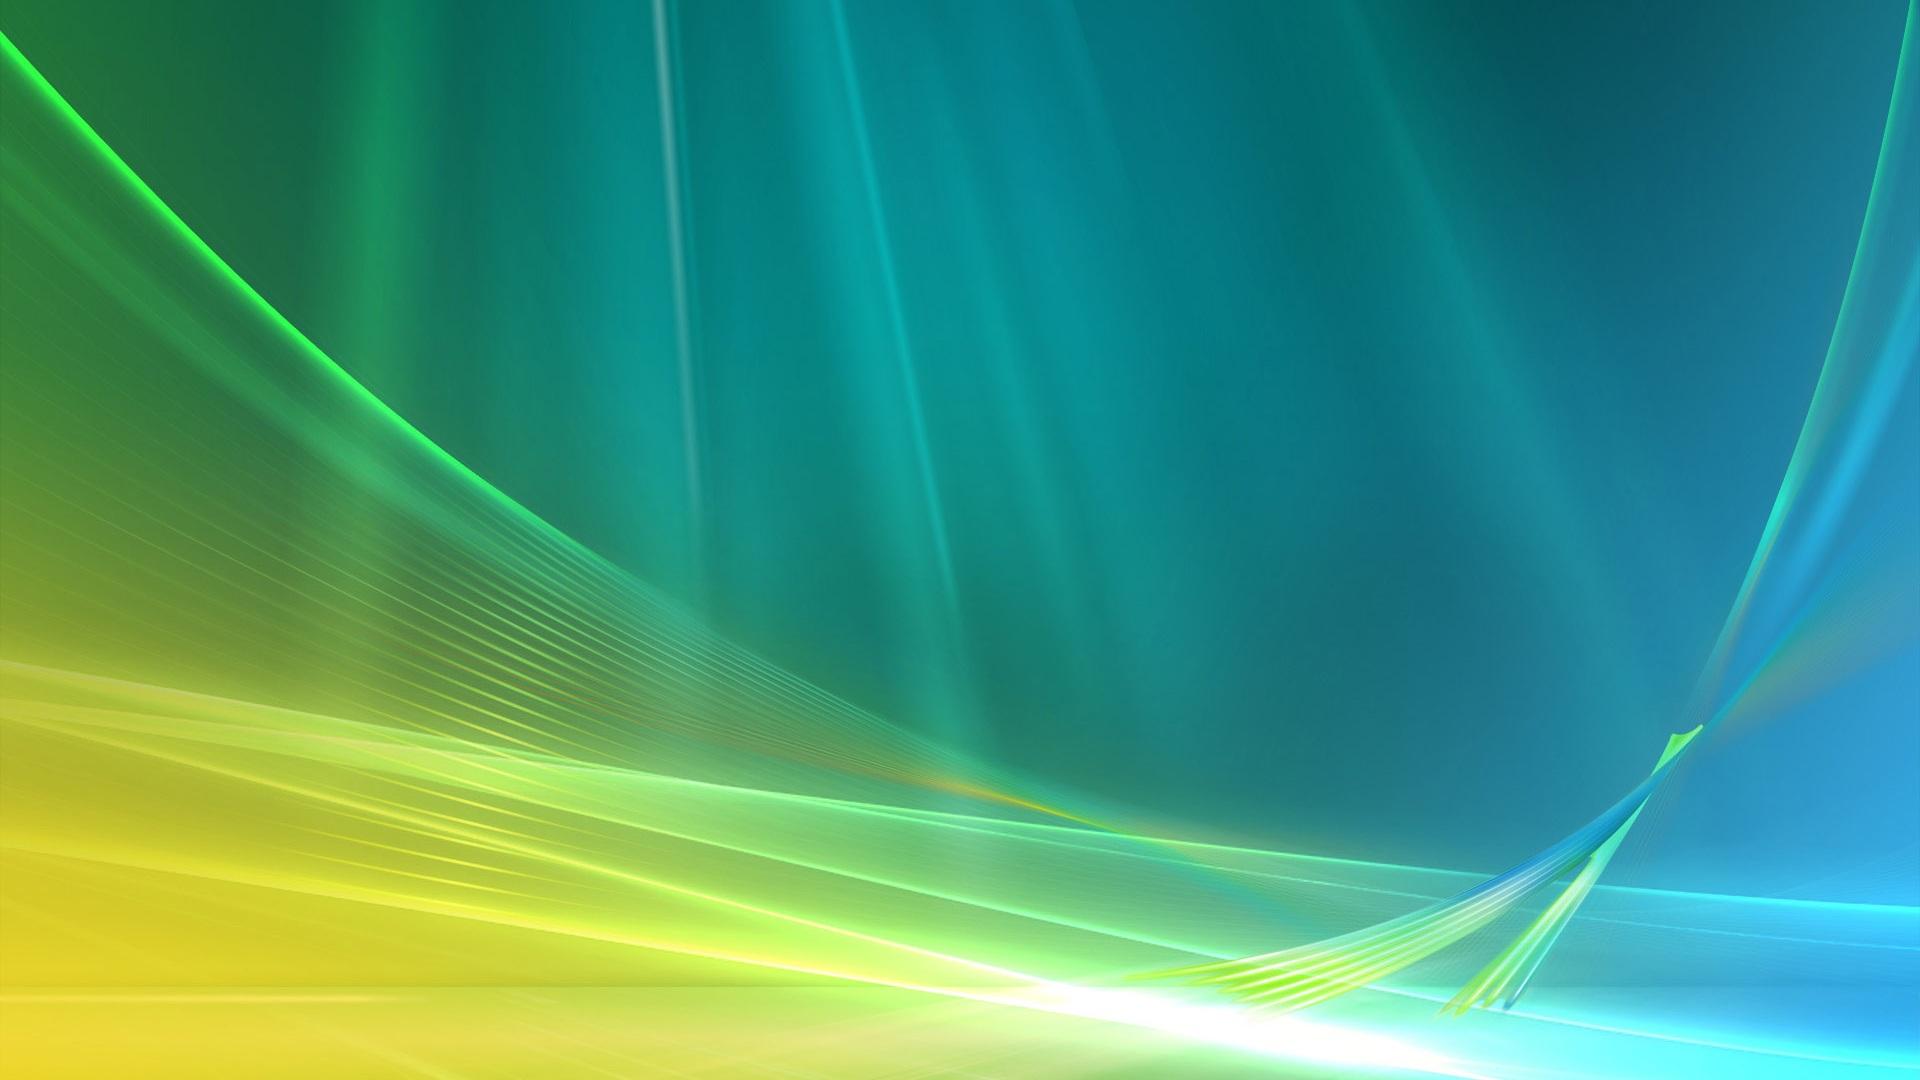 1920x1080 Abstracto Full Hd 1920x1080: Curva De Espacio Abstracto Azul Y Verde Fondos De Pantalla